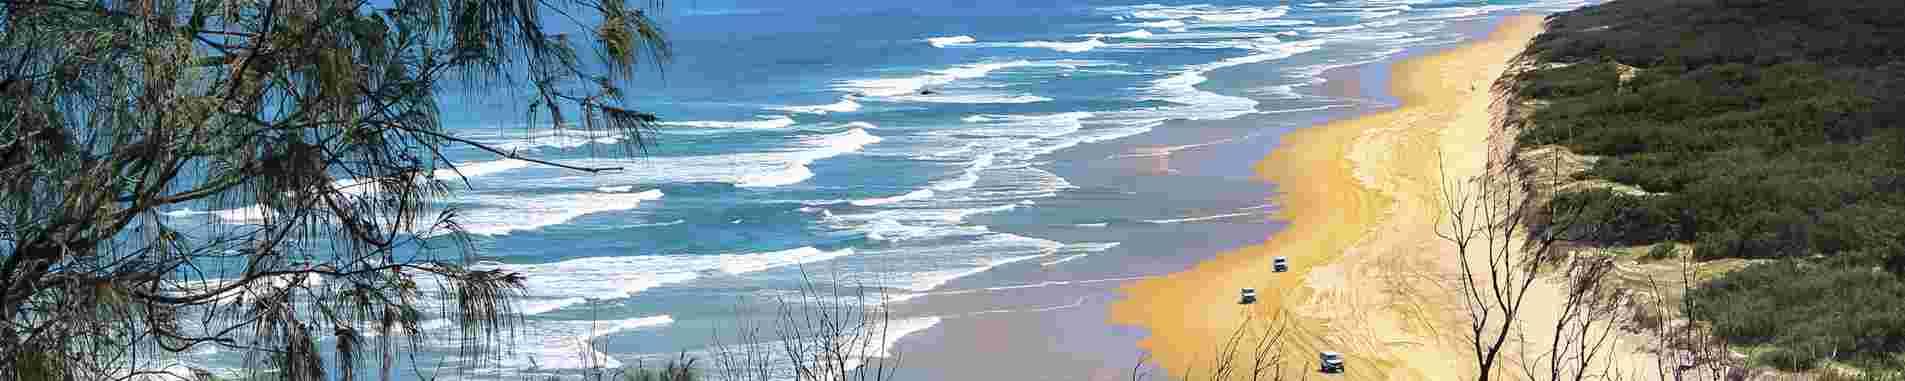 Hervey Bay and Fraser Island header image